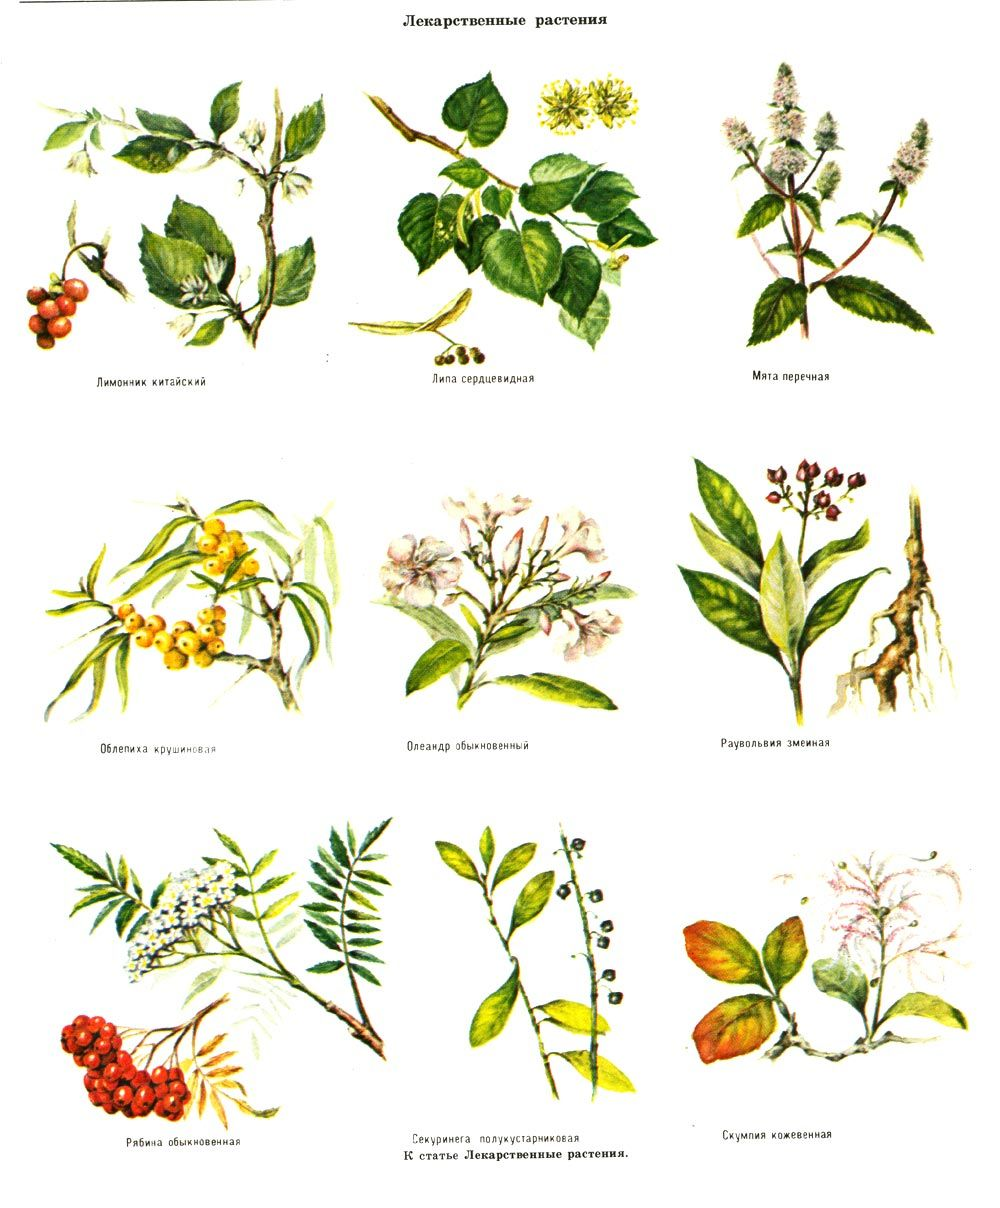 целебные травы в картинках с названиями себя